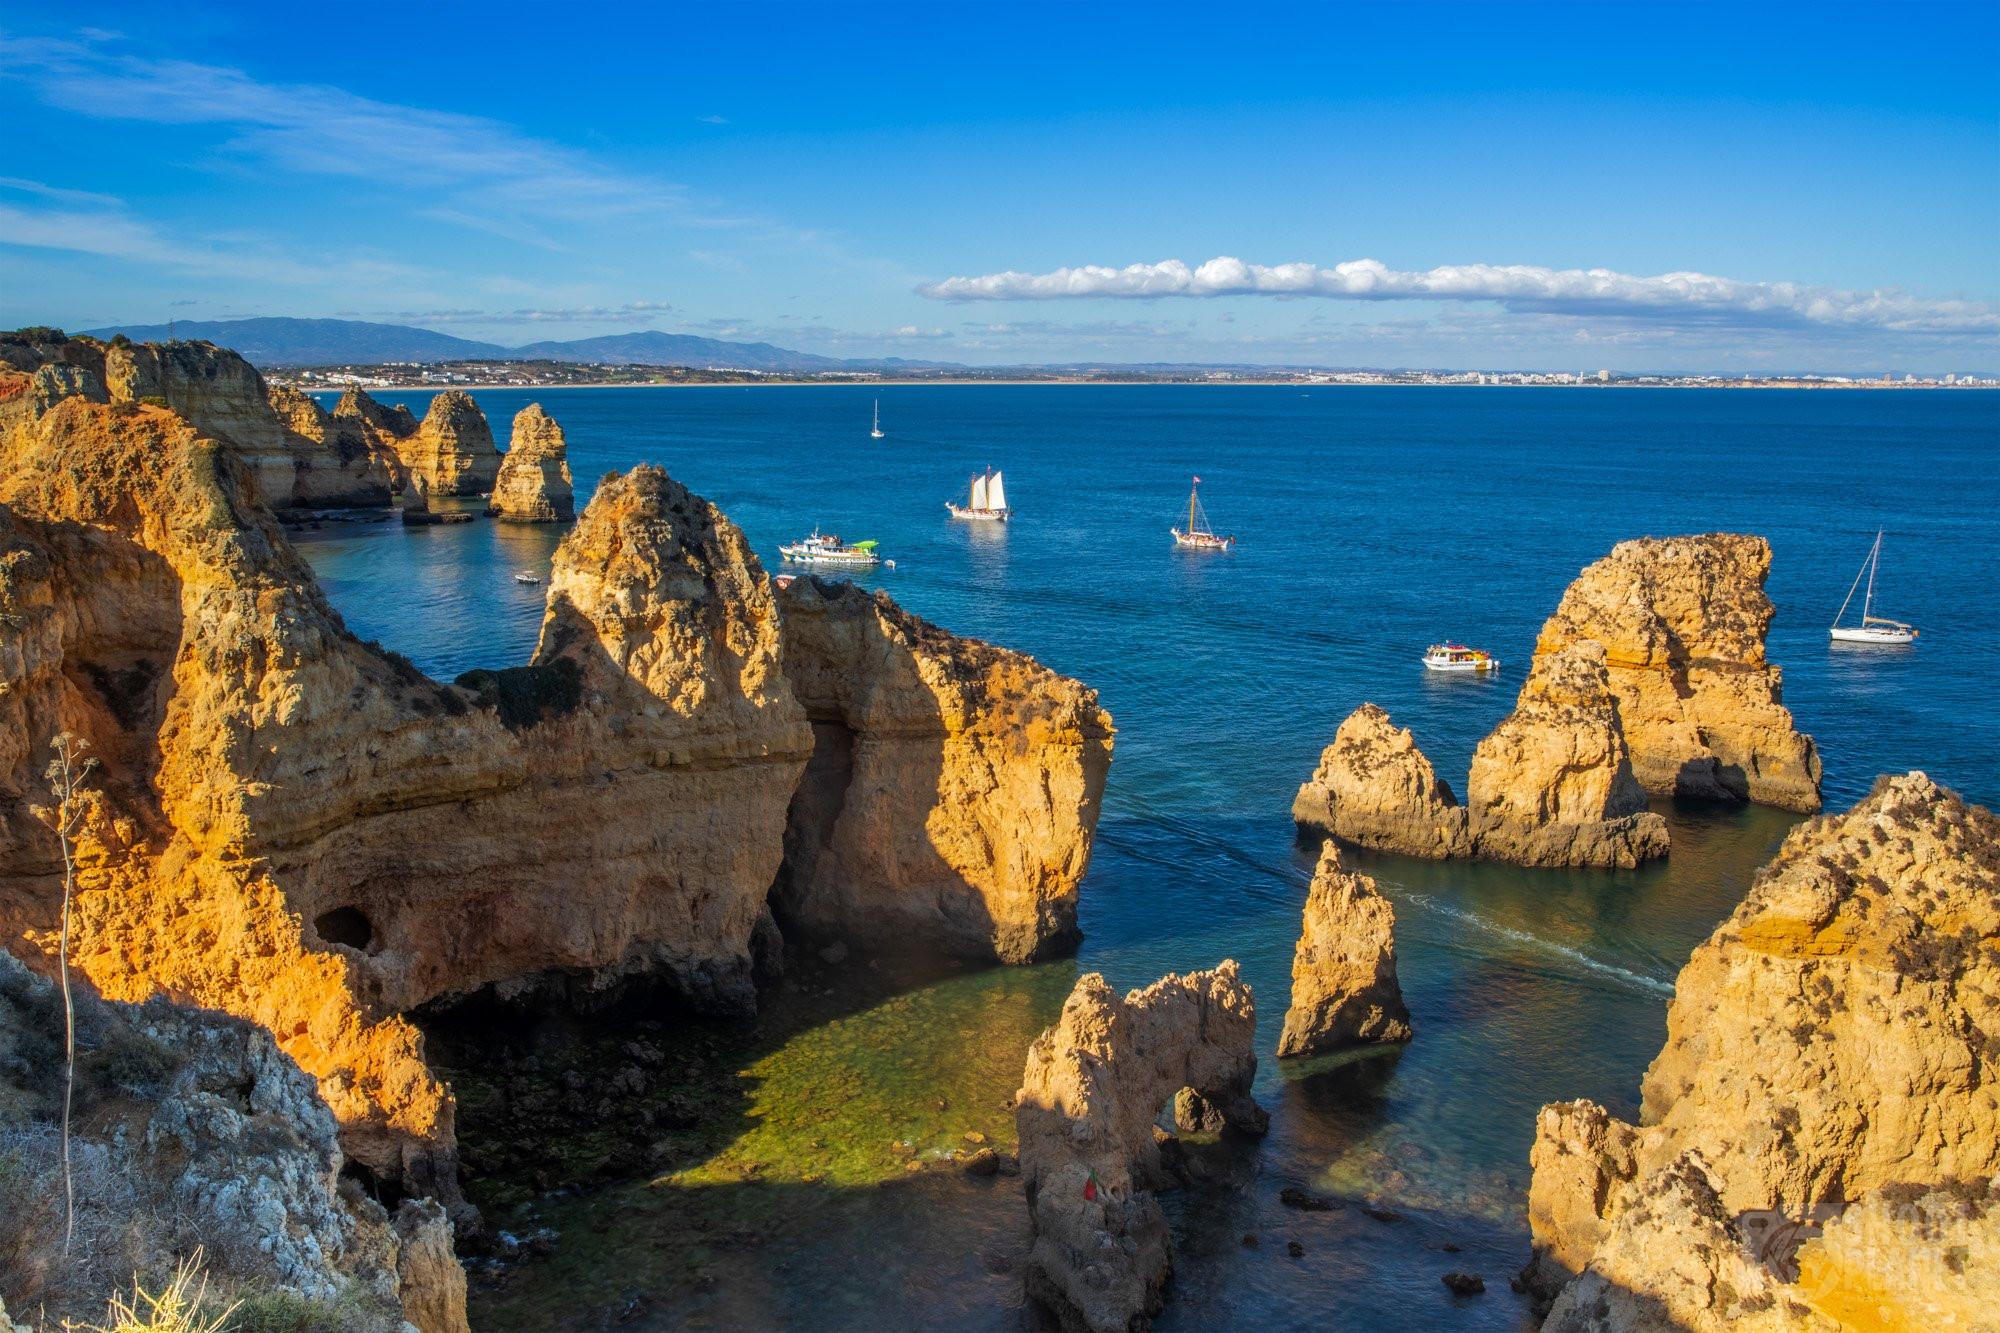 Ponta da Piedade cliffs, Algarve Portugal